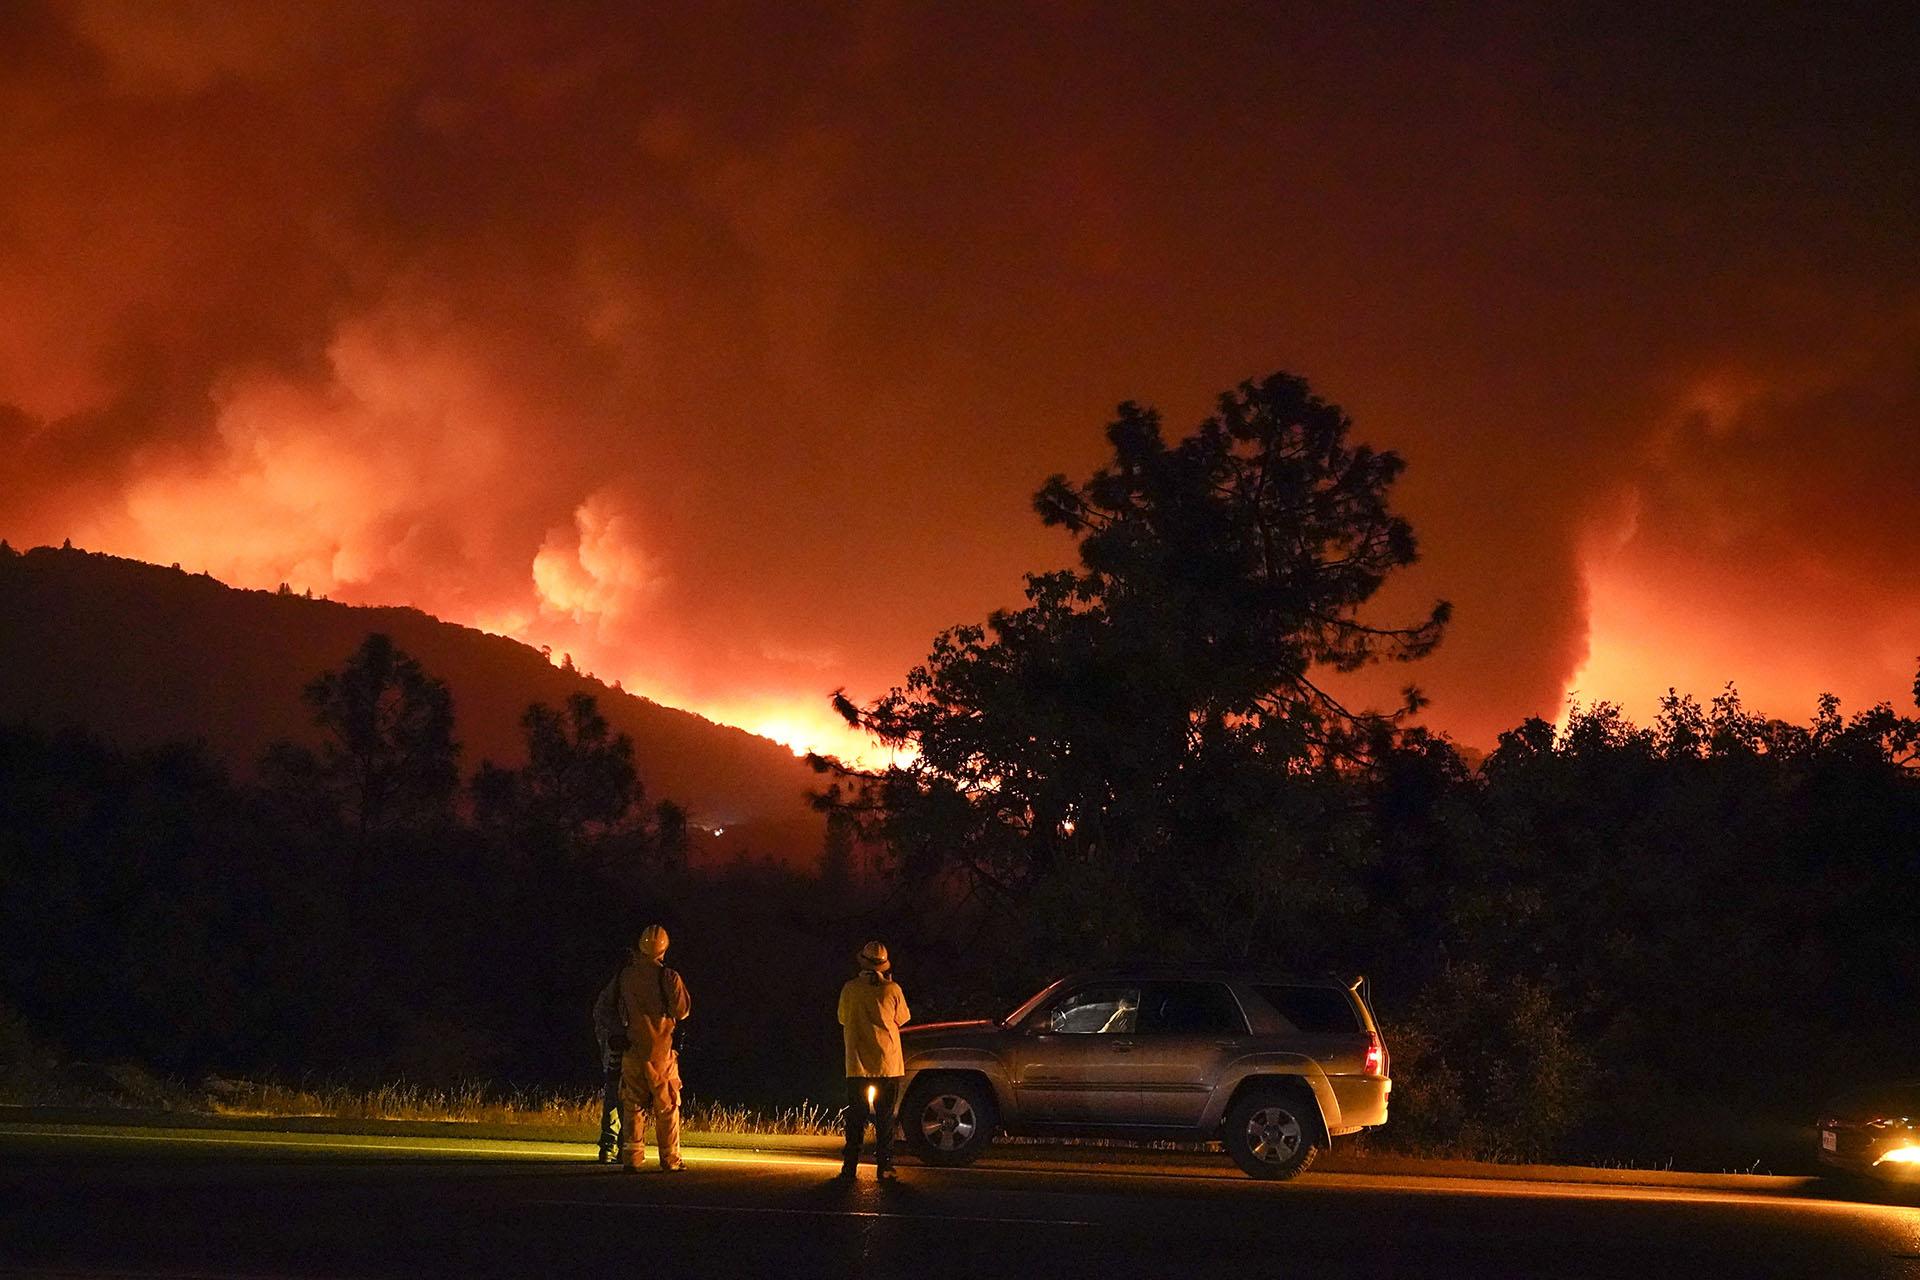 Docenas de personas han quedado atrapadas por el fuego en rápida expansión y el jefe del Batallón de Bomberos de Fresno, Tony Escobedo, dijo que el humo estaba obstaculizando los esfuerzos de los helicópteros militares para rescatarlos. (AP/Marcio Jose Sanchez)